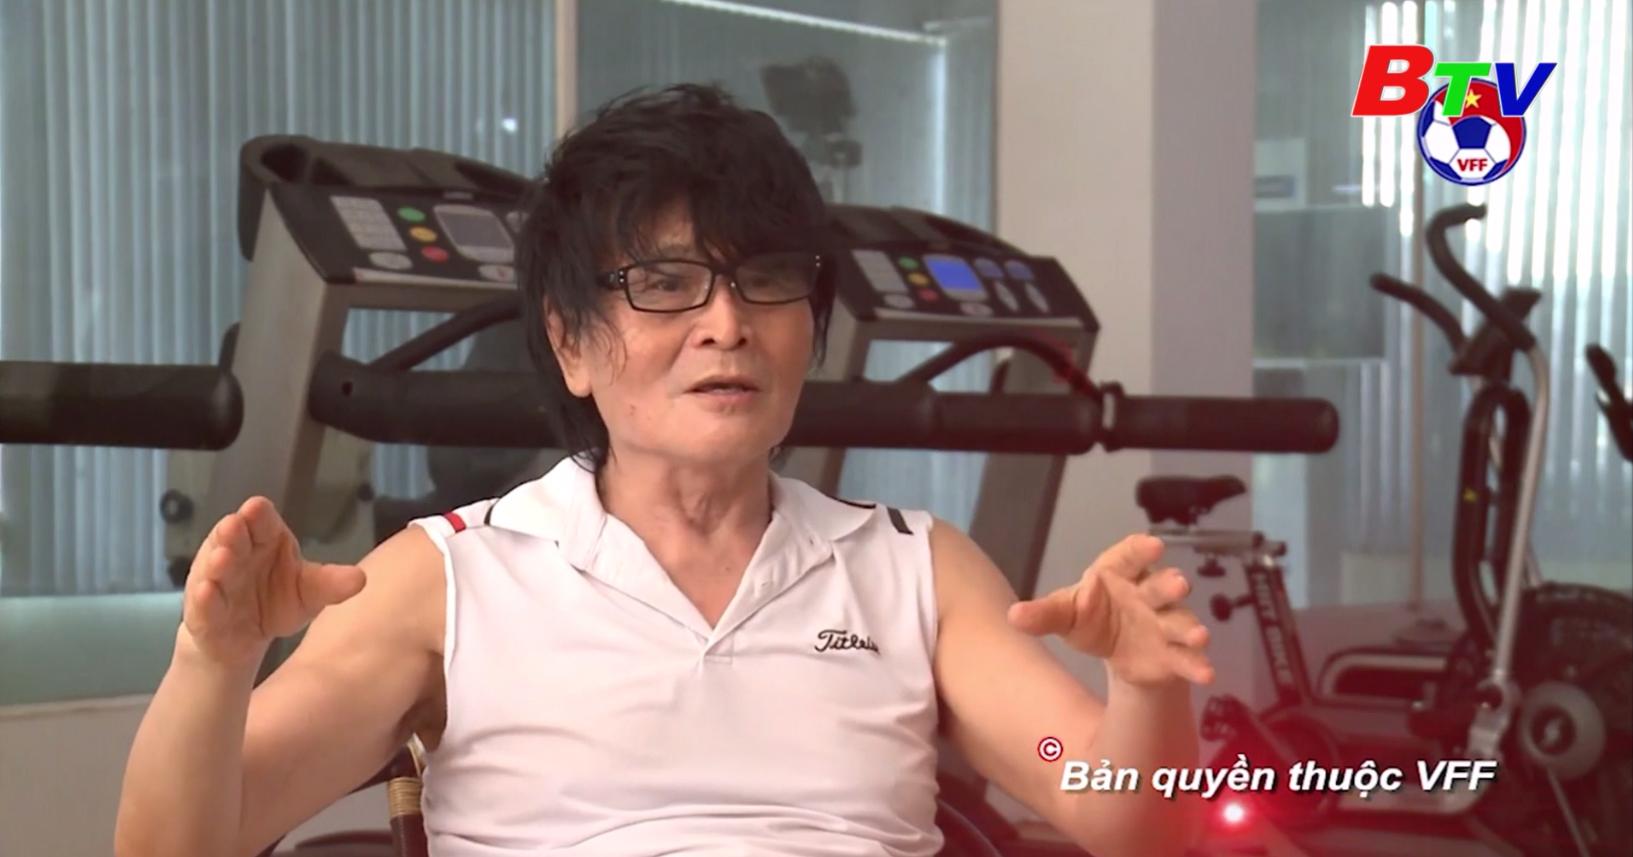 Bác sỹ Choi Ju-young gắn kết với bóng đá Việt Nam